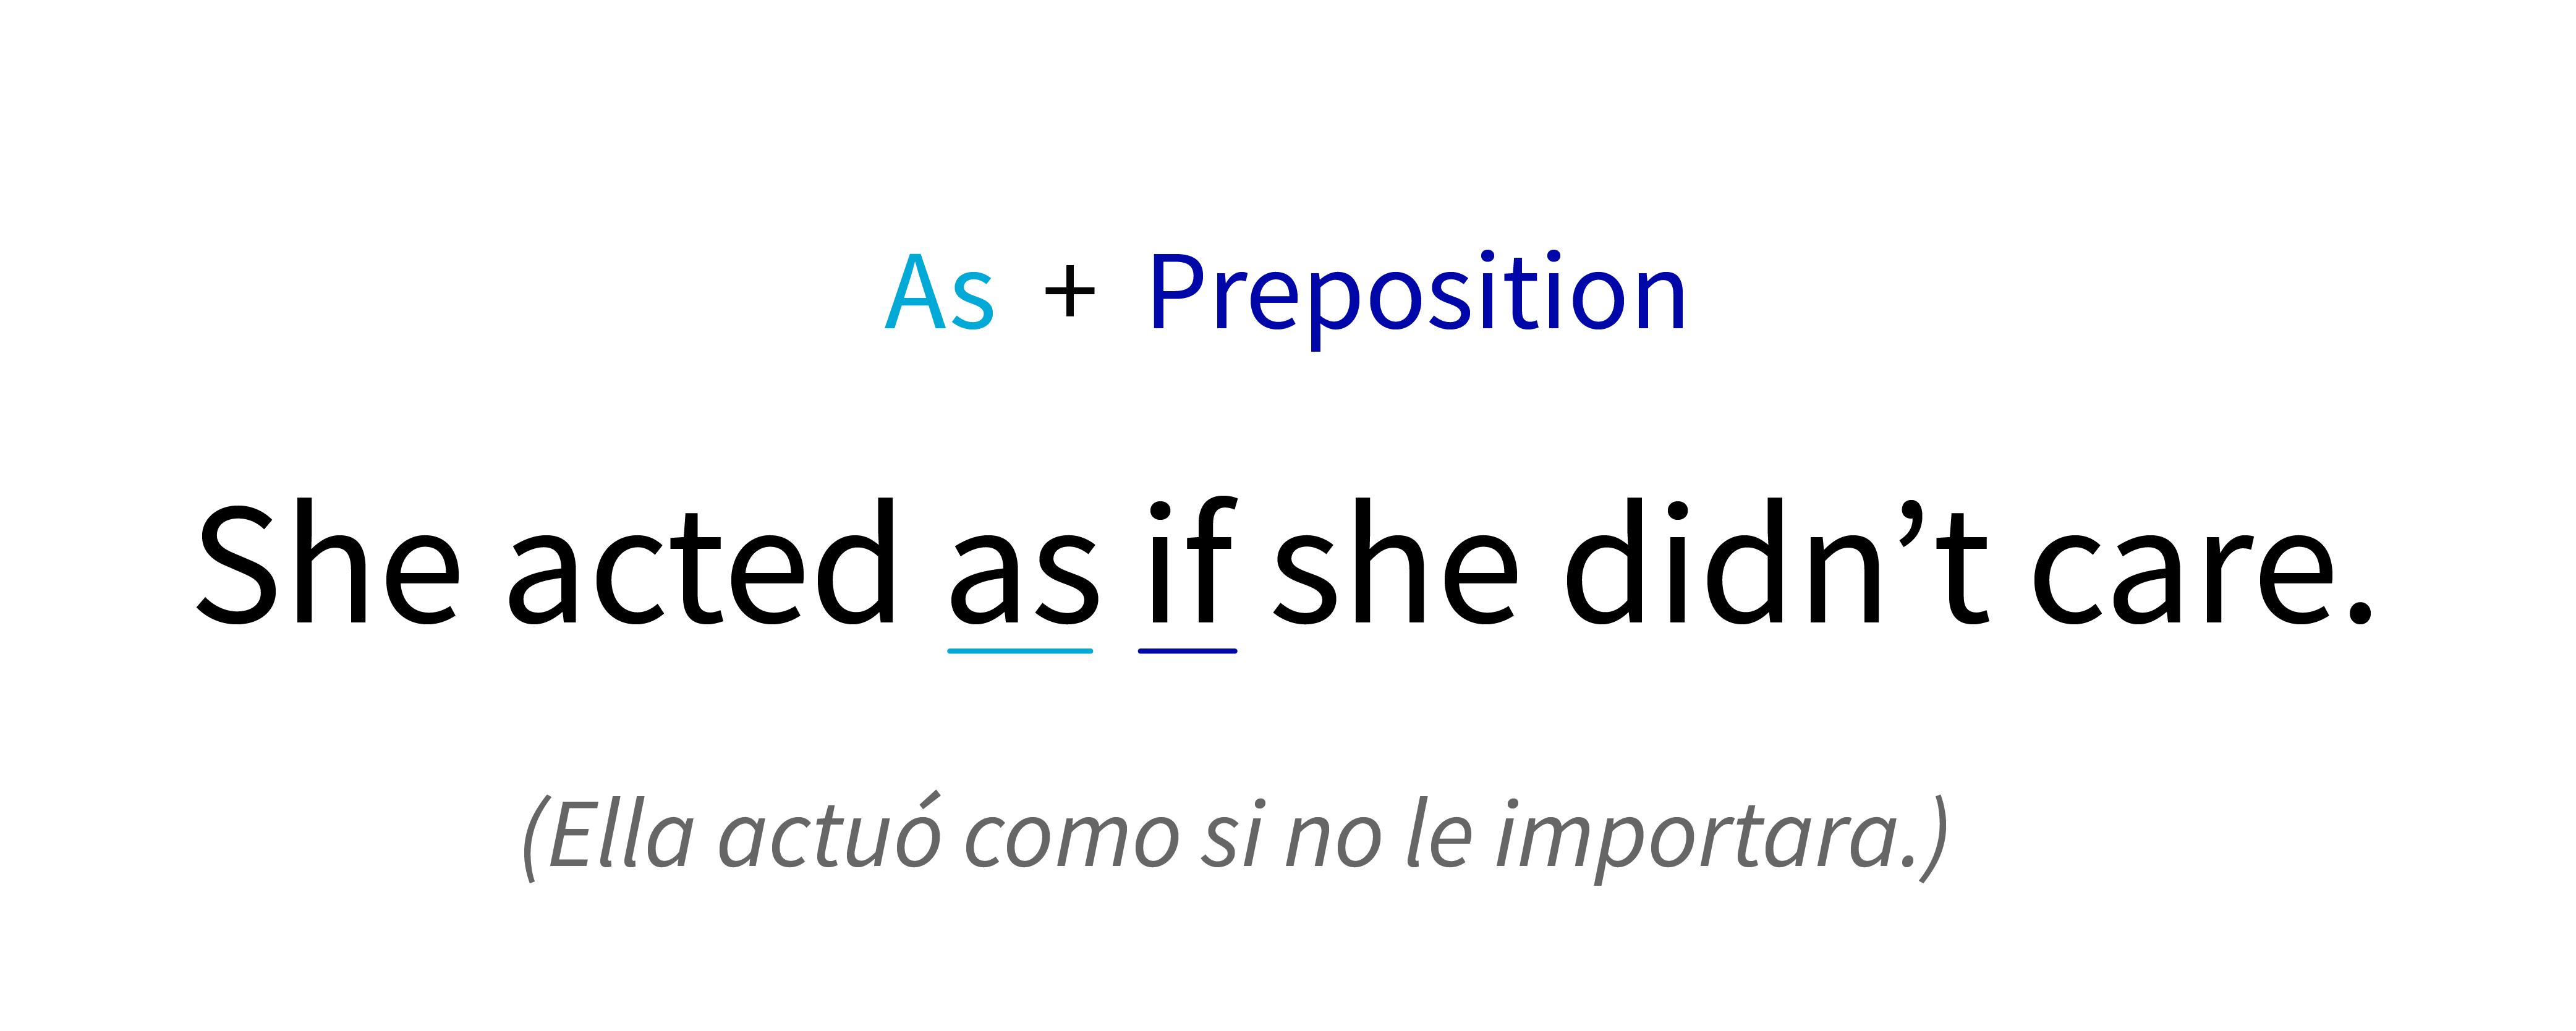 Fórmula para realizar una oración utilizando like y una preposición.